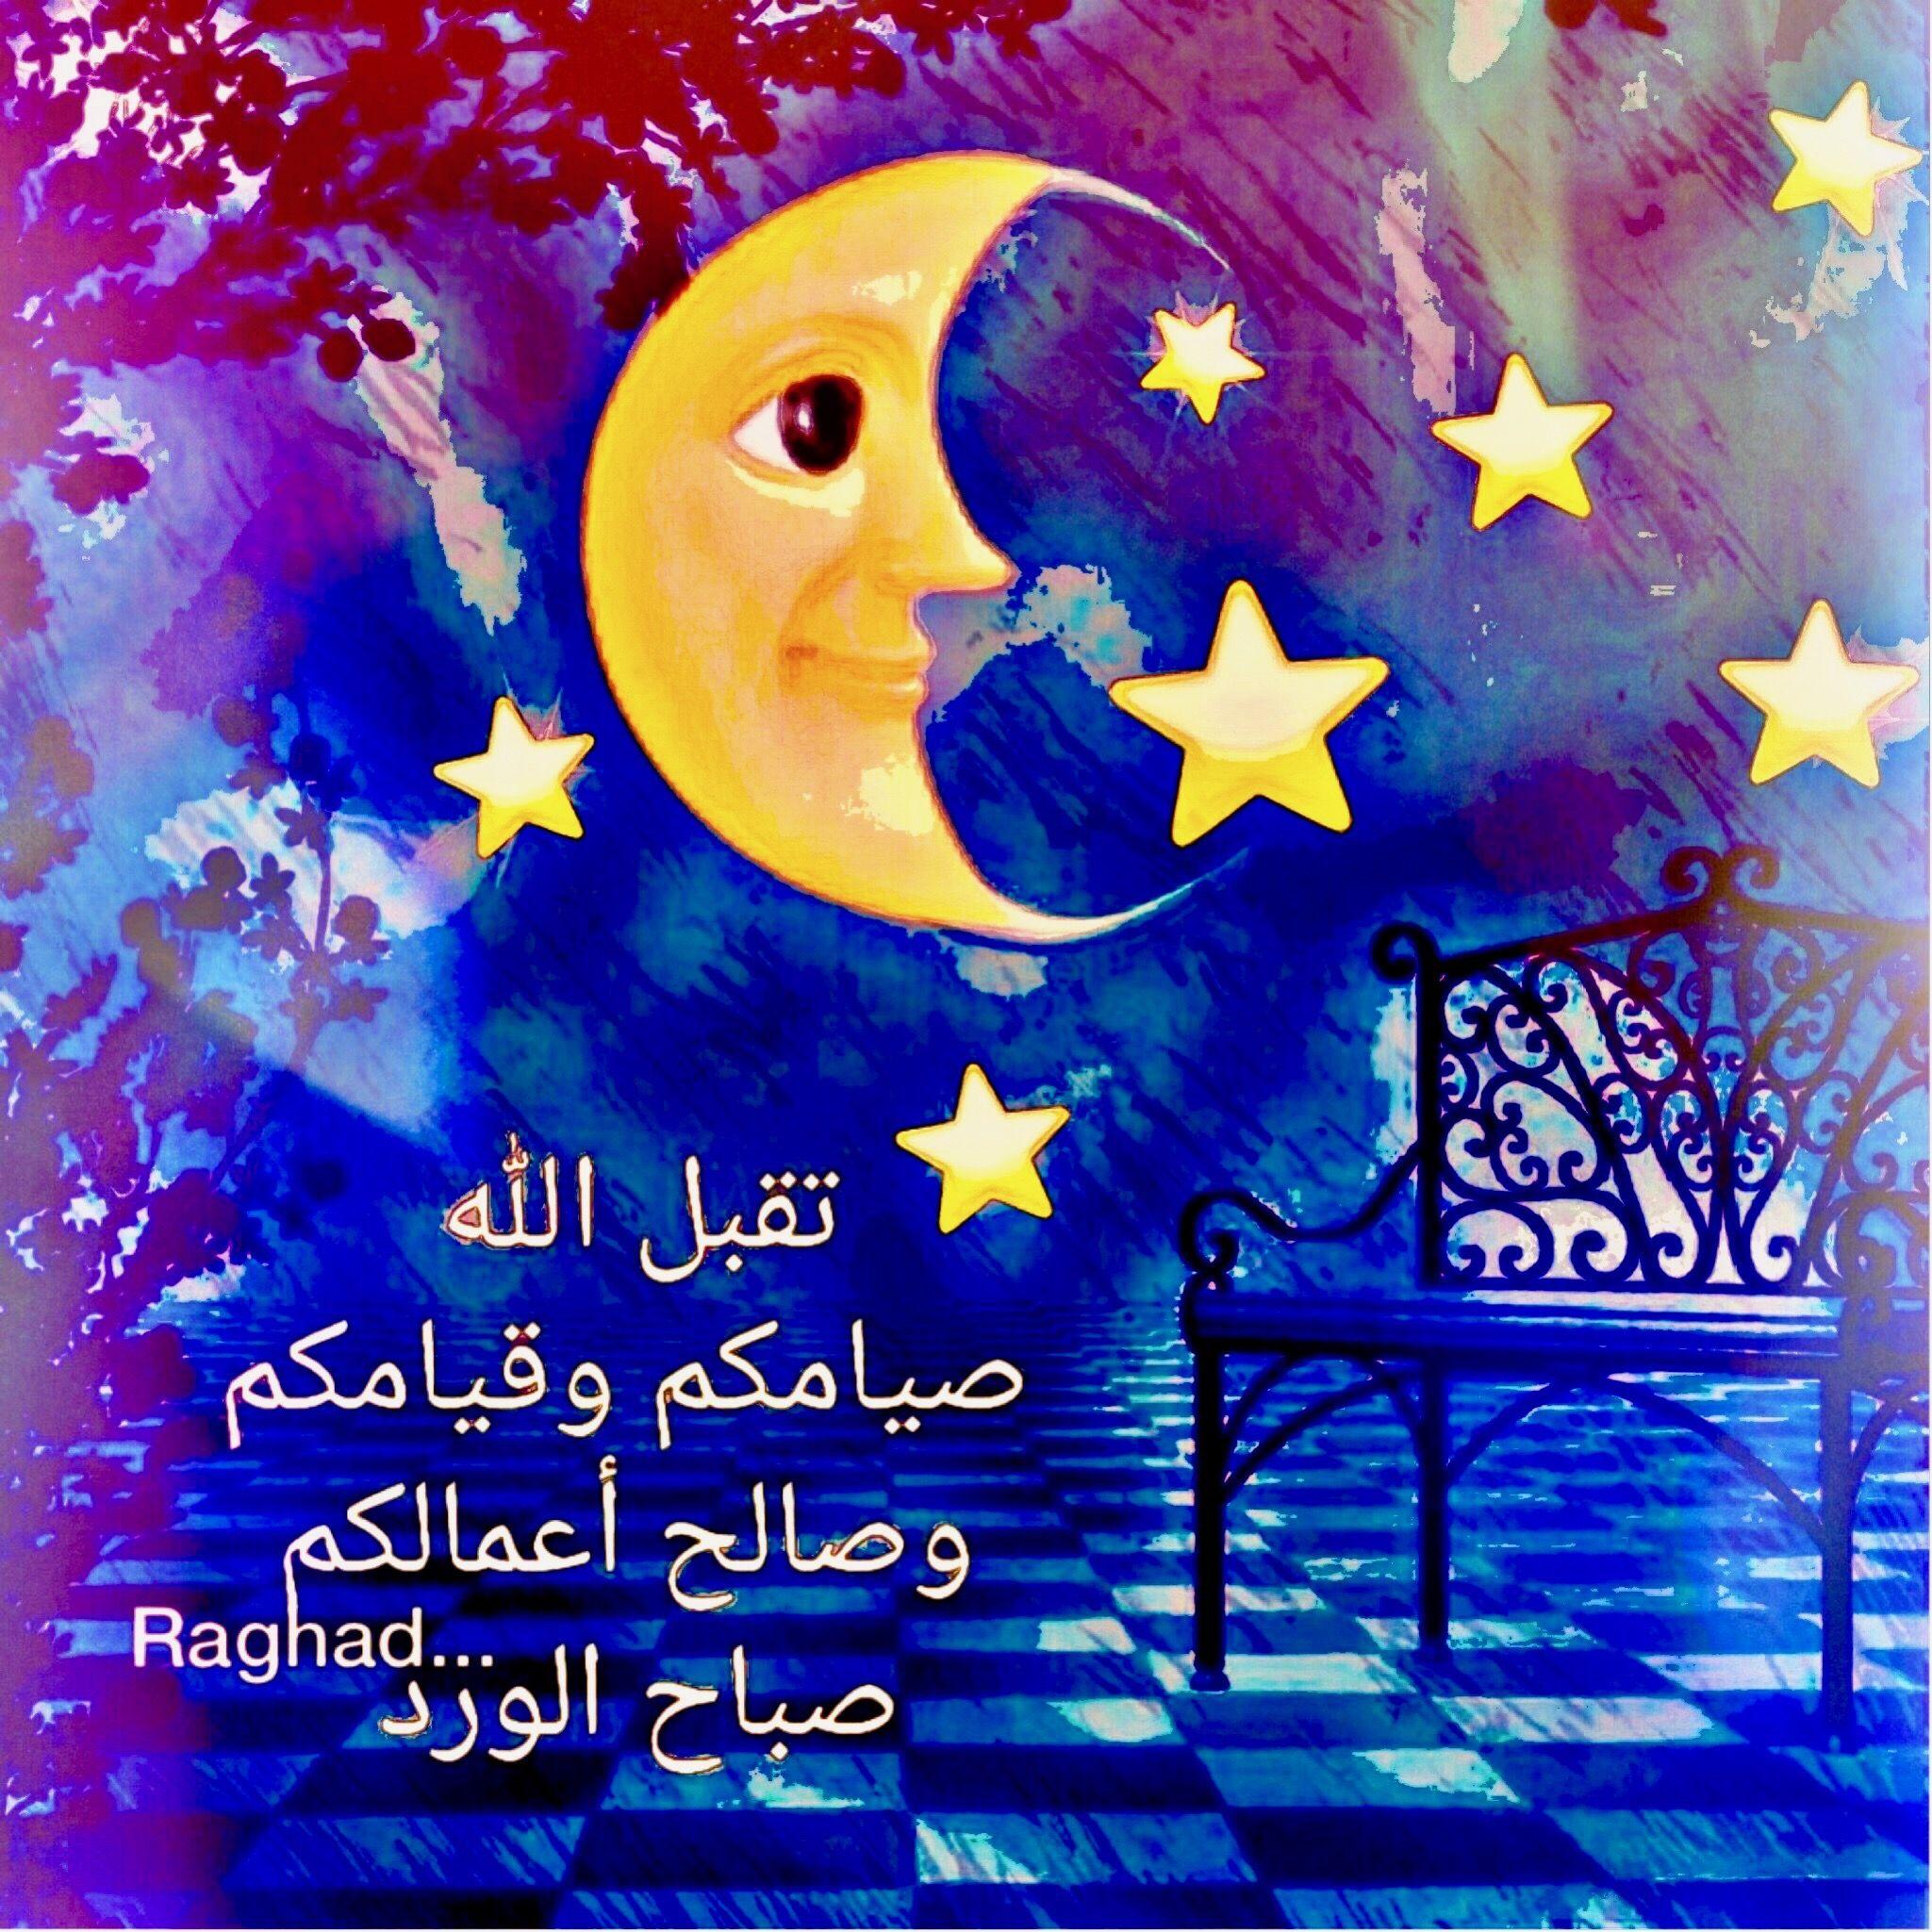 Desertrose رمضان مبارك يارب اجعل أي ام رمضان تفريج ا لهمومنا واستجابة لدعائنا وغفرانا لذنوبنا اللهم بشرنآ بما يسرنآ و Ramadan Kareem Ramadan Good Morning